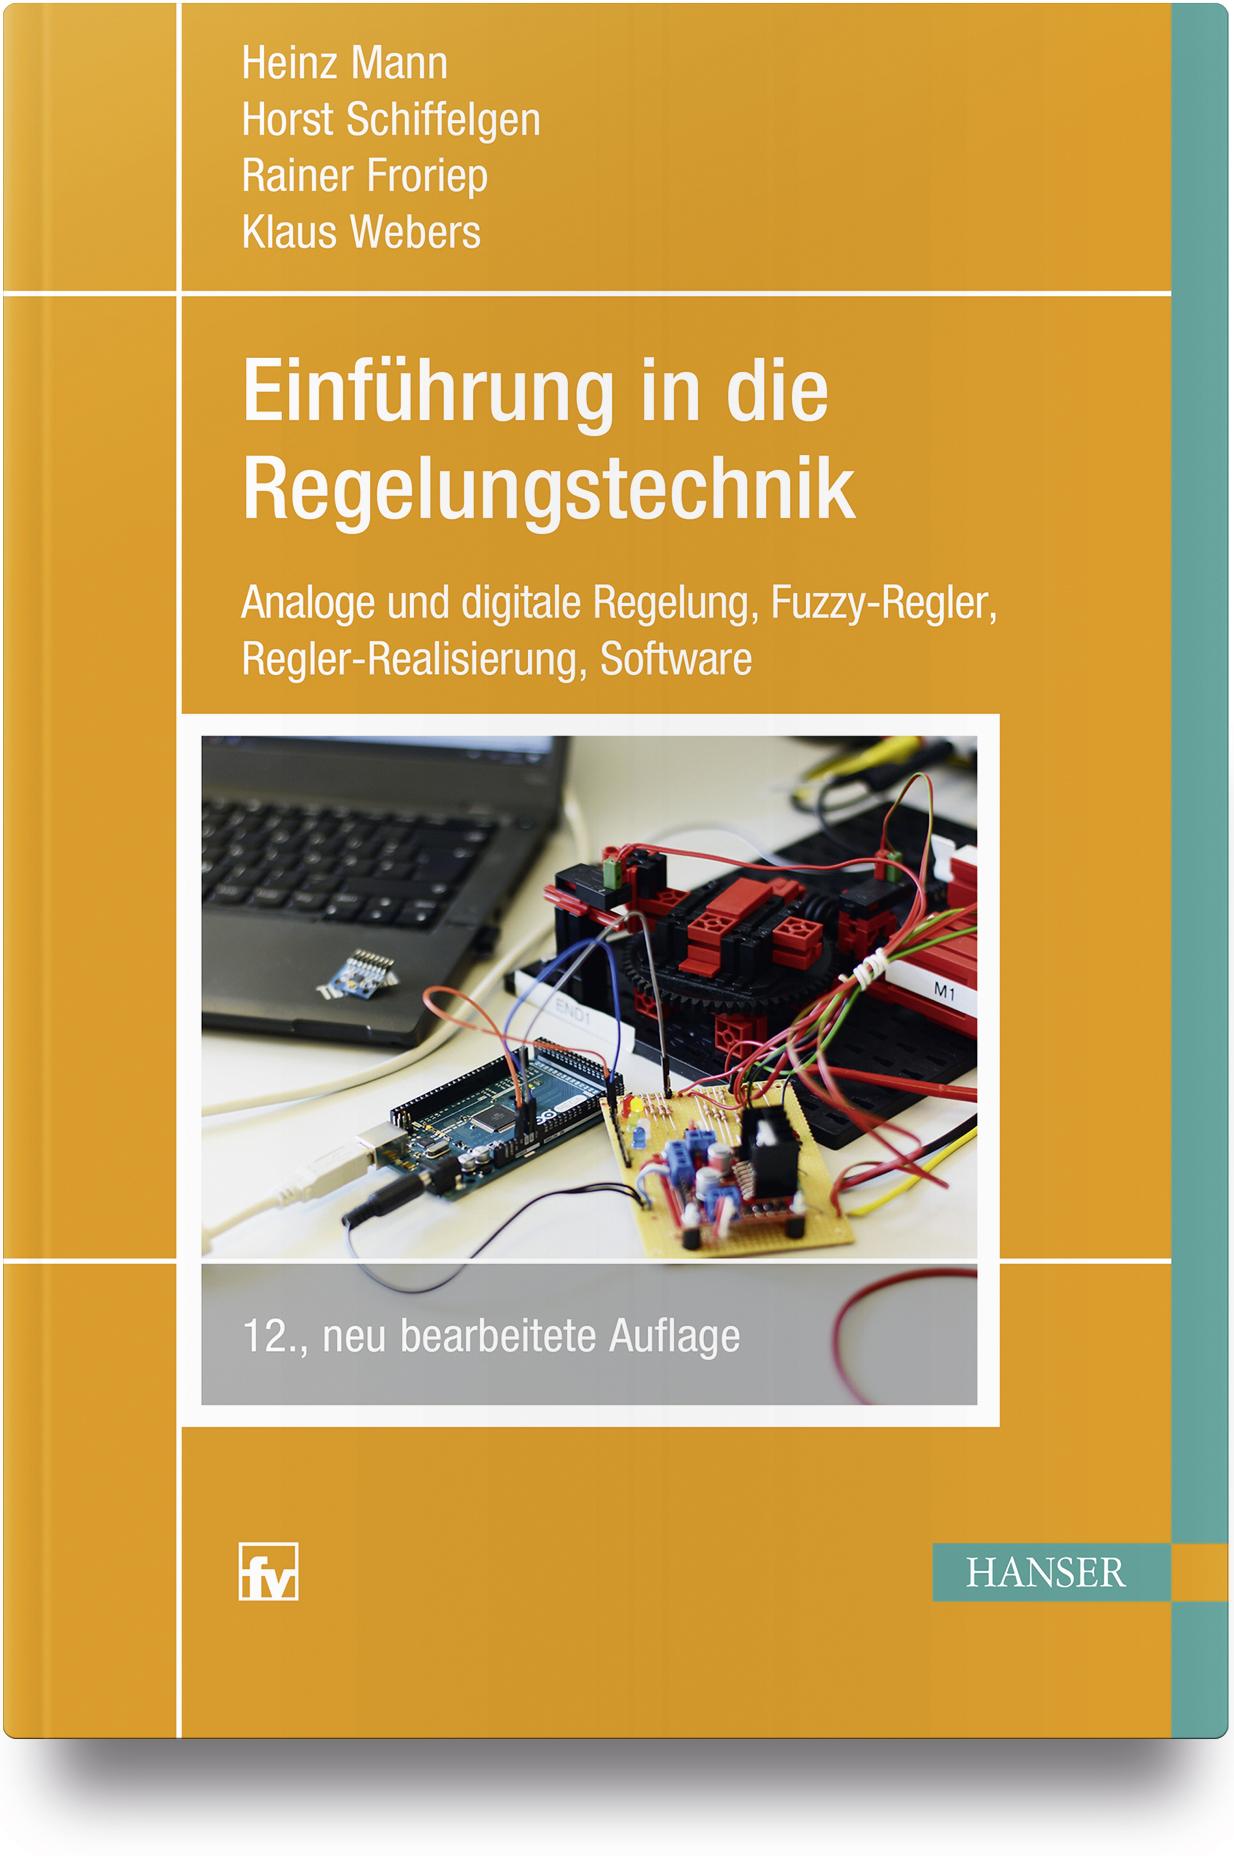 Mann, Schiffelgen, Froriep, Webers, Einführung in die Regelungstechnik, 978-3-446-45002-8